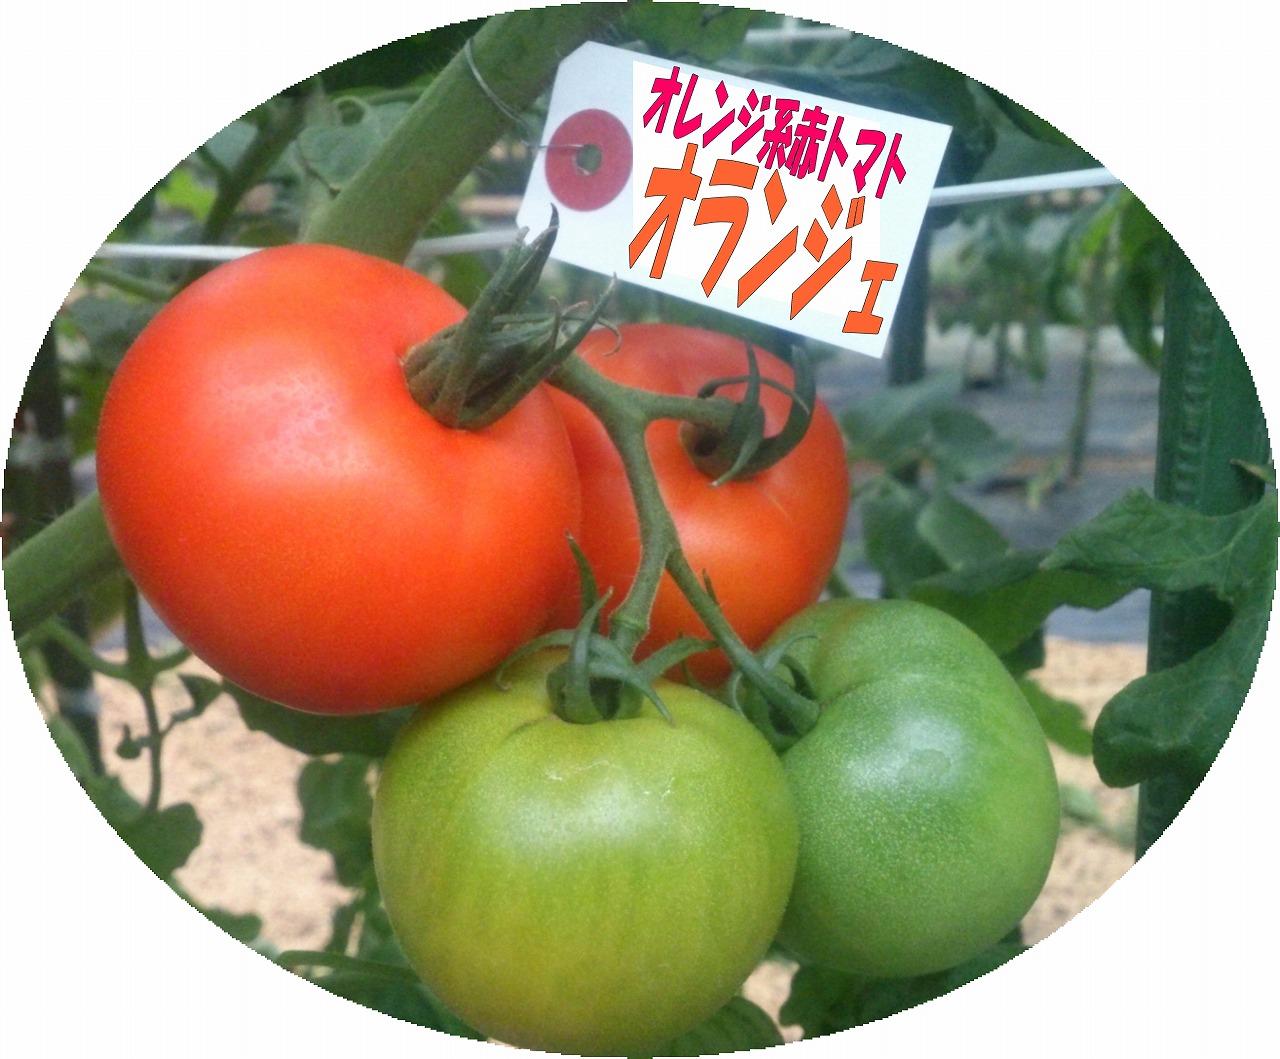 極旨トマト オランジェ <オレンジ系赤トマト>